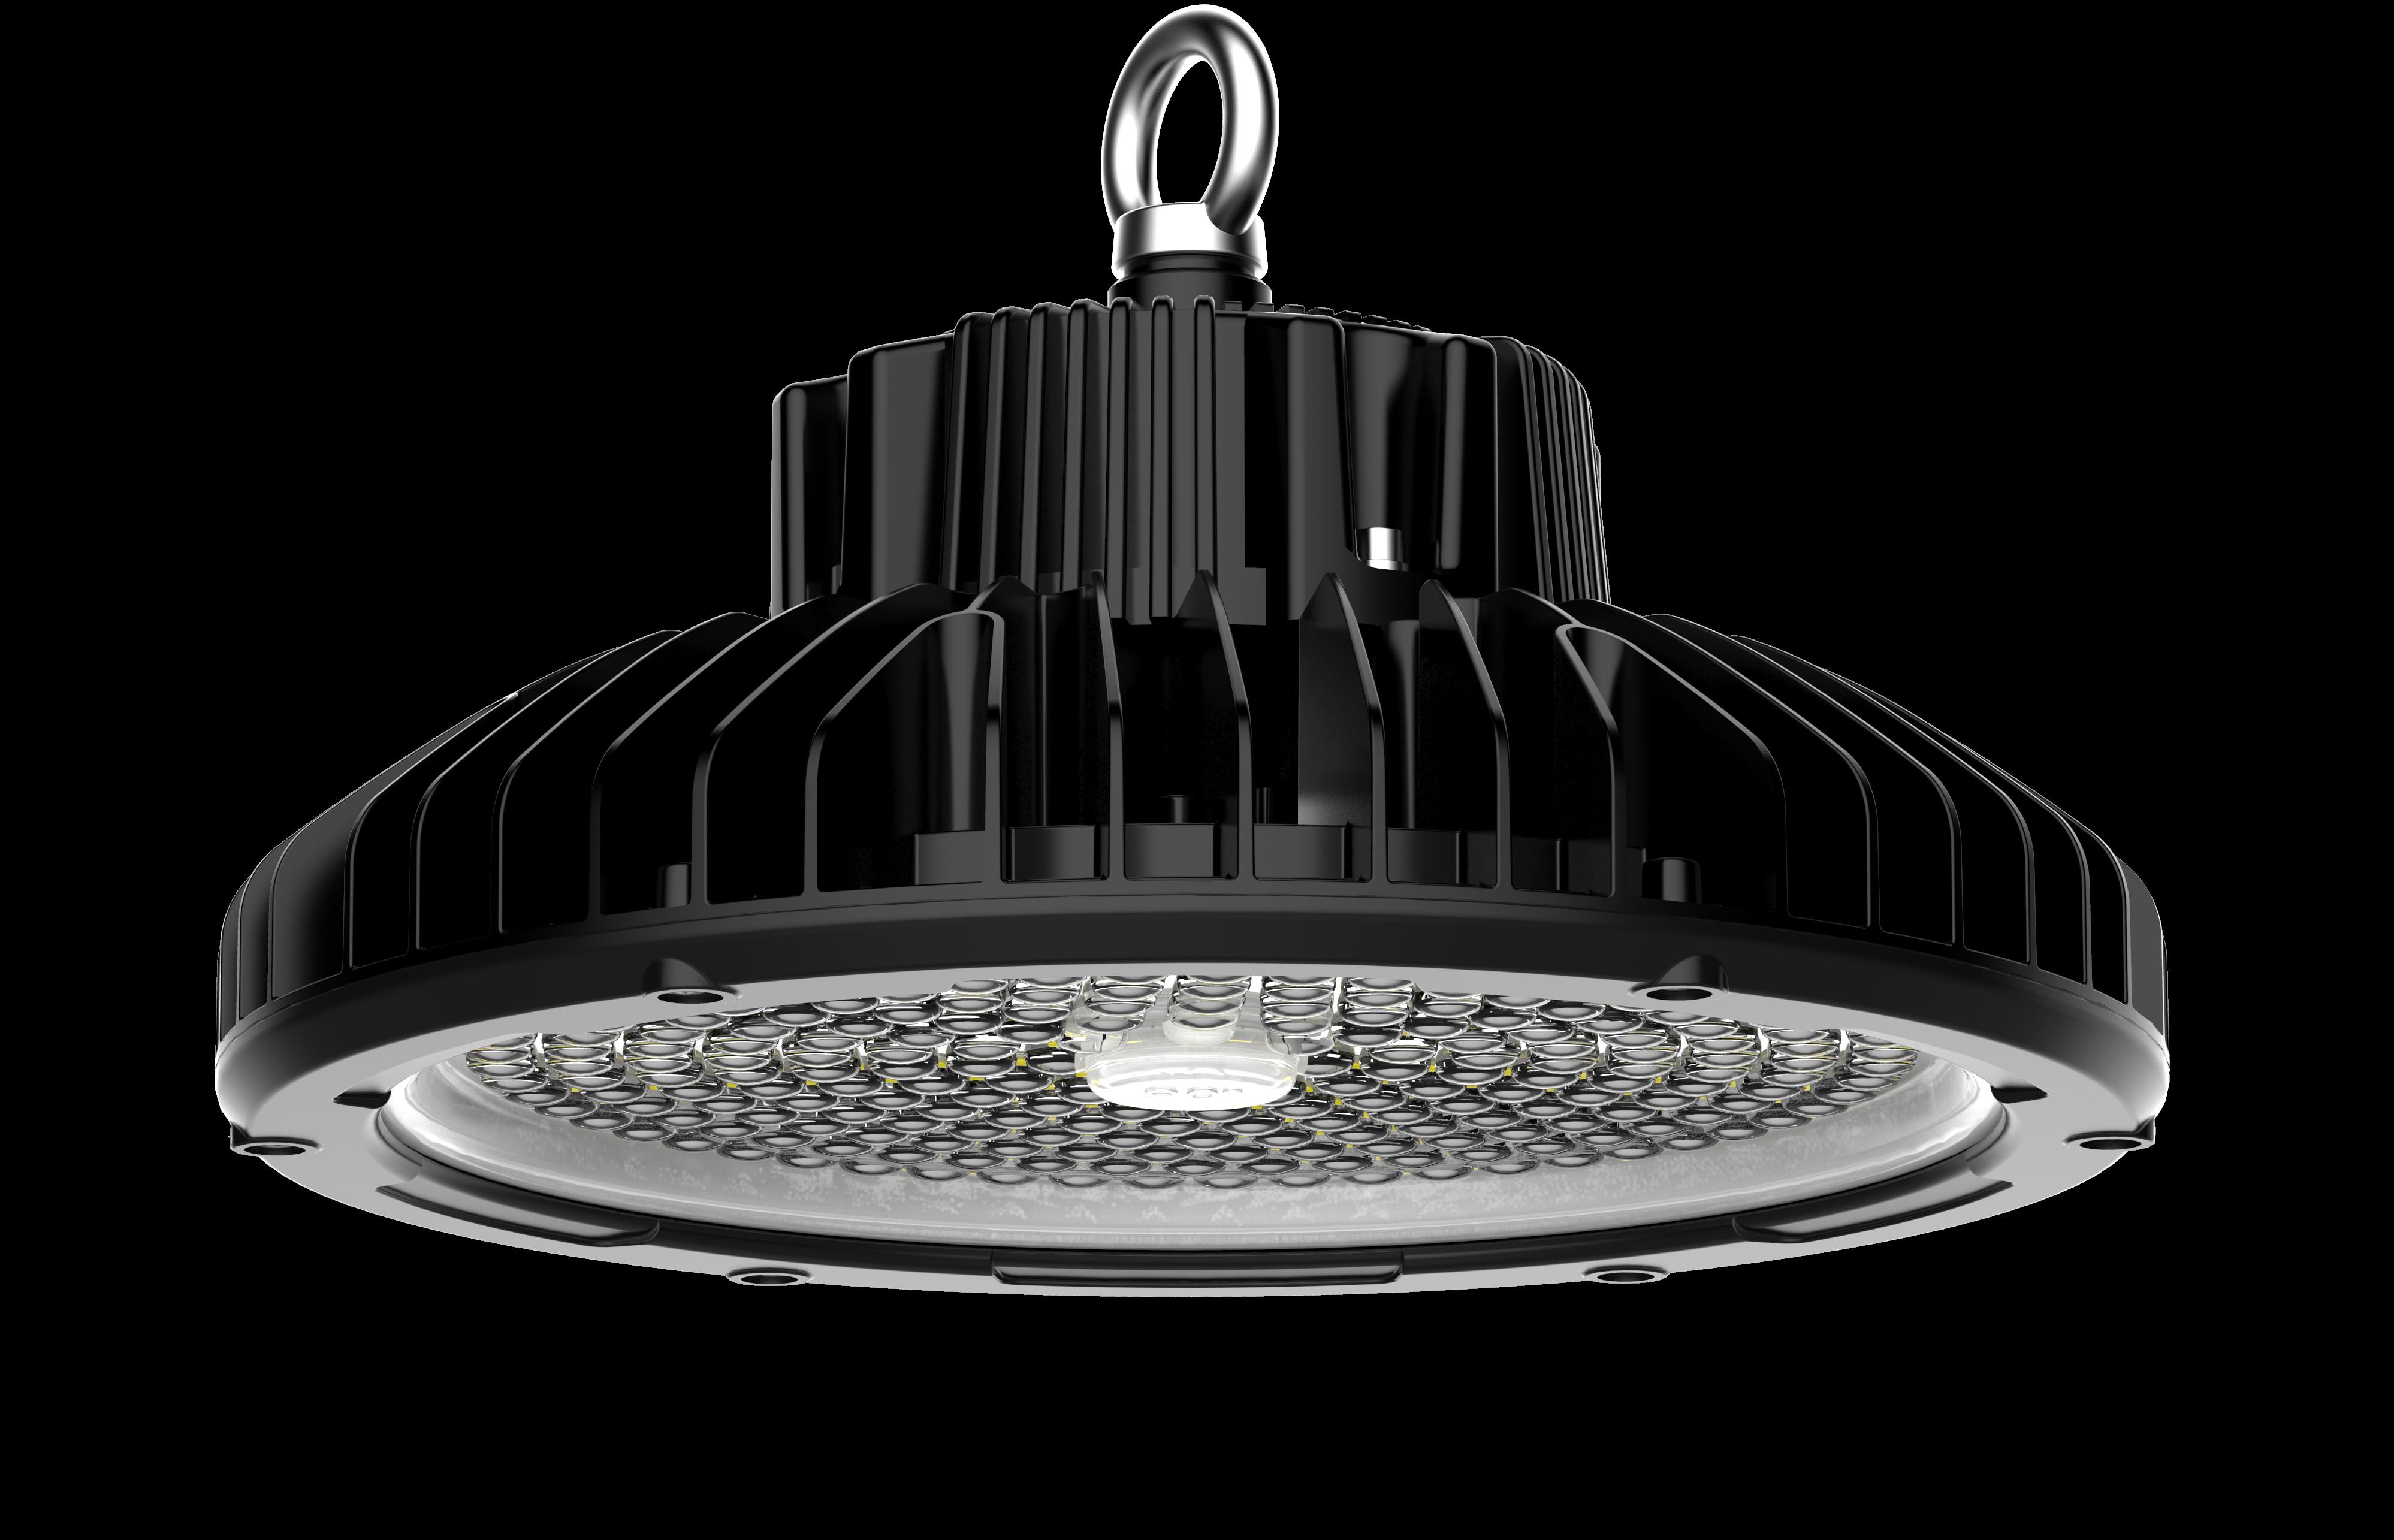 Die Ledoptix Hallenleuchte Air Eco Ist Durch Ihre Unterschiedlichen Leistungsstufen Variablen Abstrahlwinkel Und Ihr Optimales Prei Lagerflache Halle Leuchten